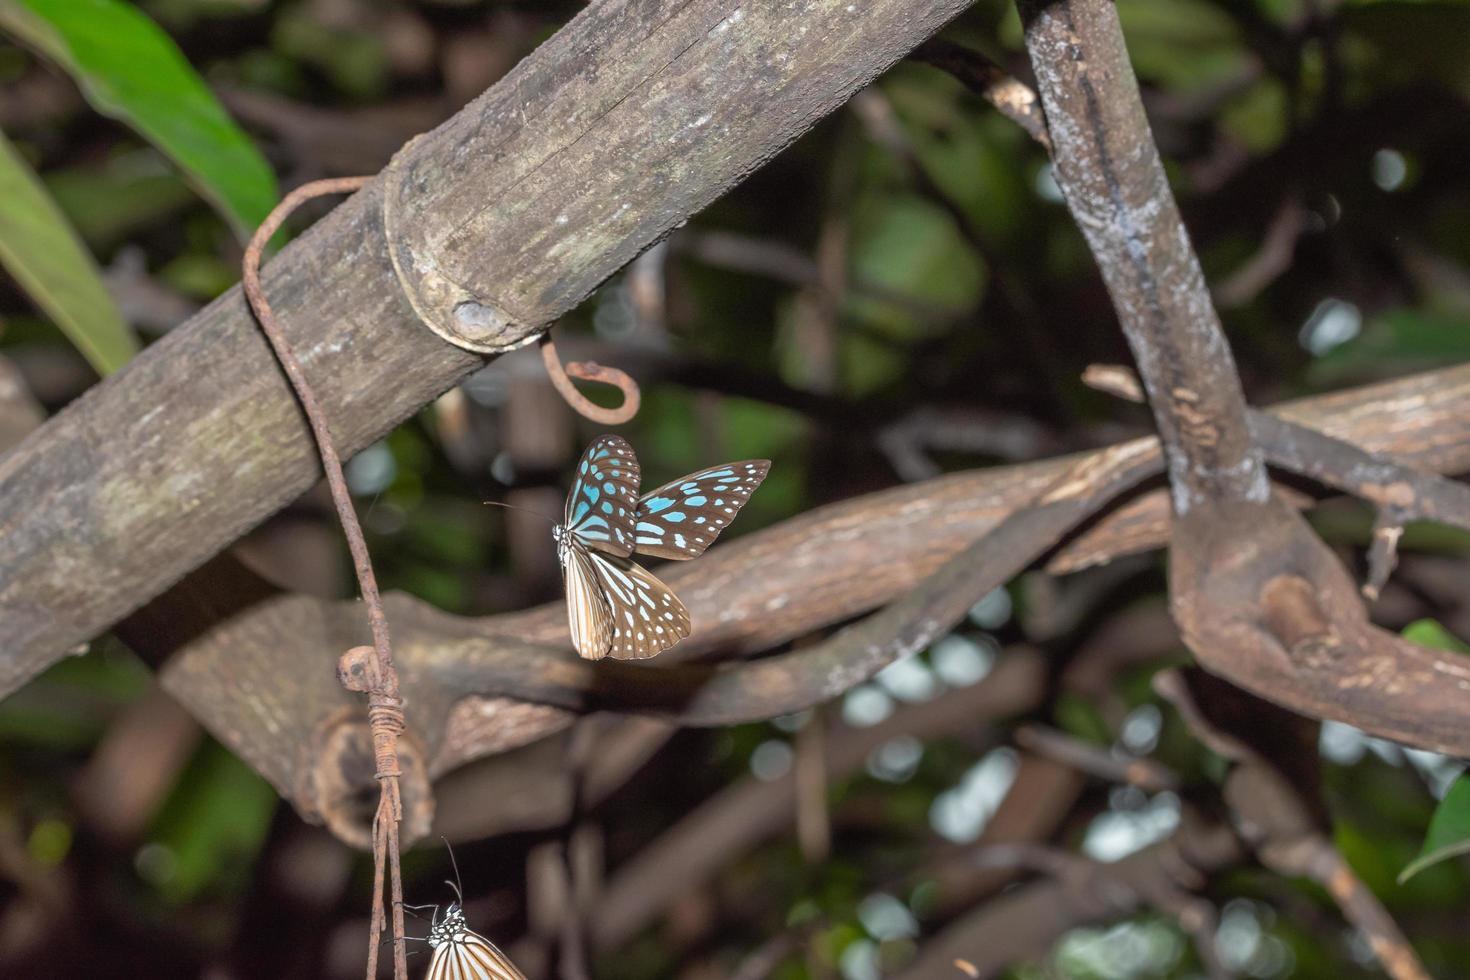 Schmetterling in der Natur foto